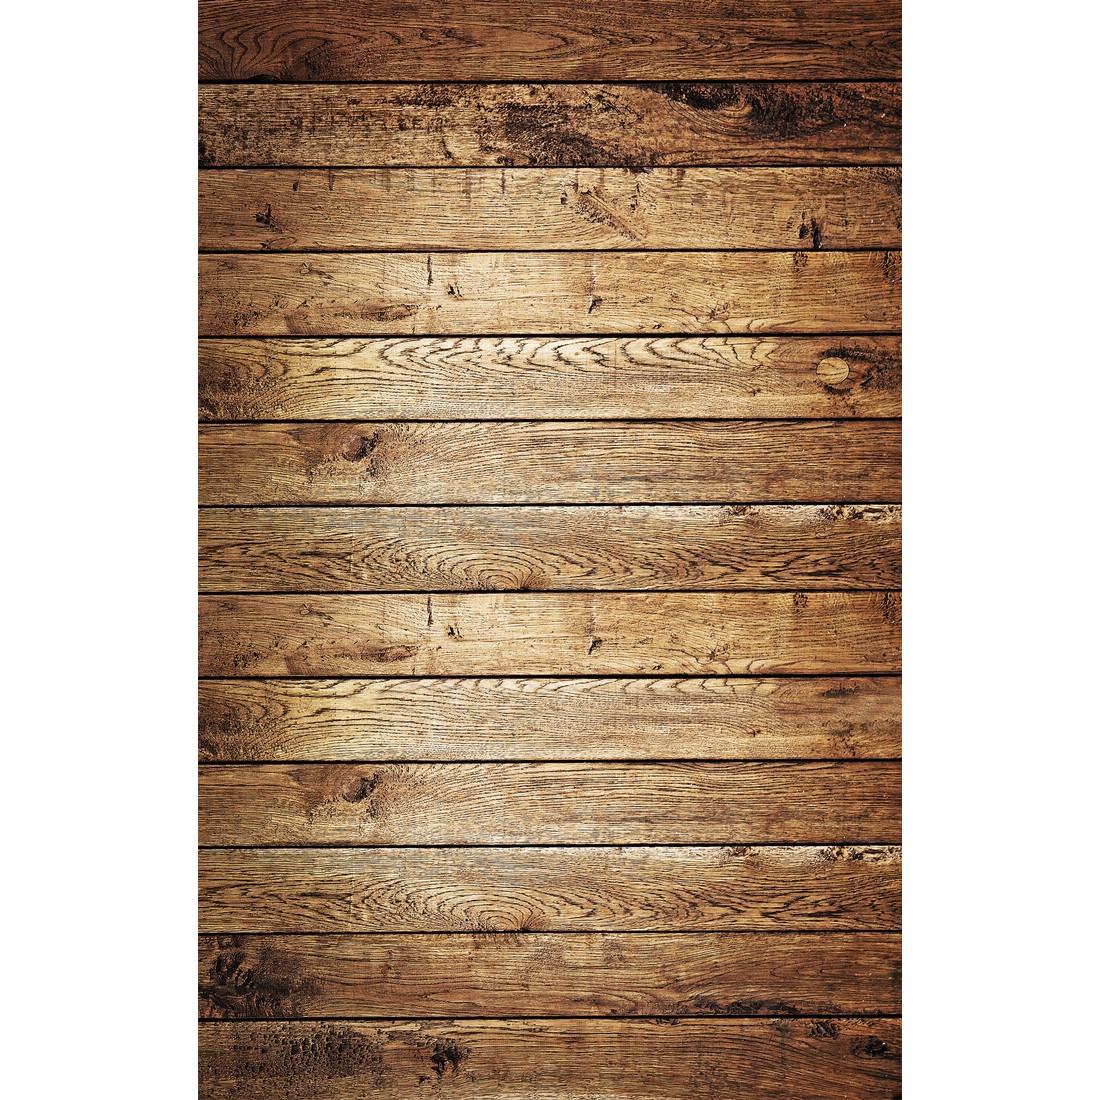 Phông vân gỗ chụp ảnh sản phẩm – mã 12752